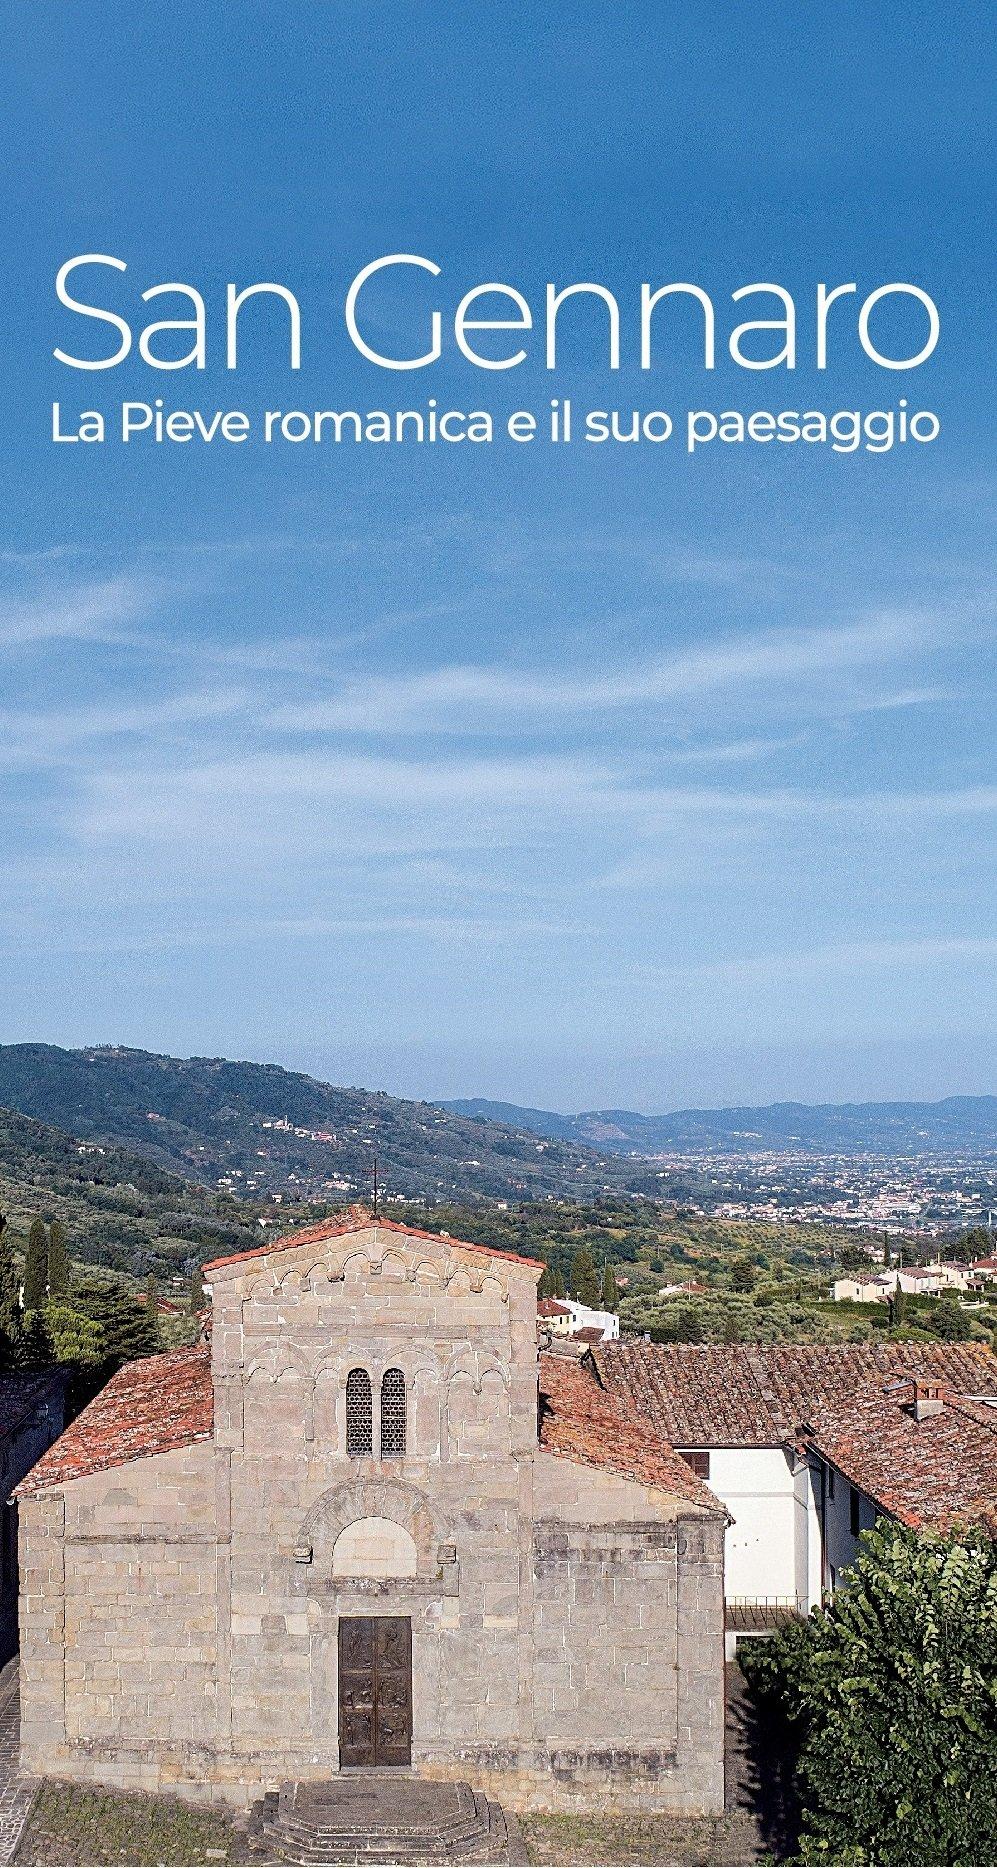 copertina-san-gennaro-per-sito1.jpg